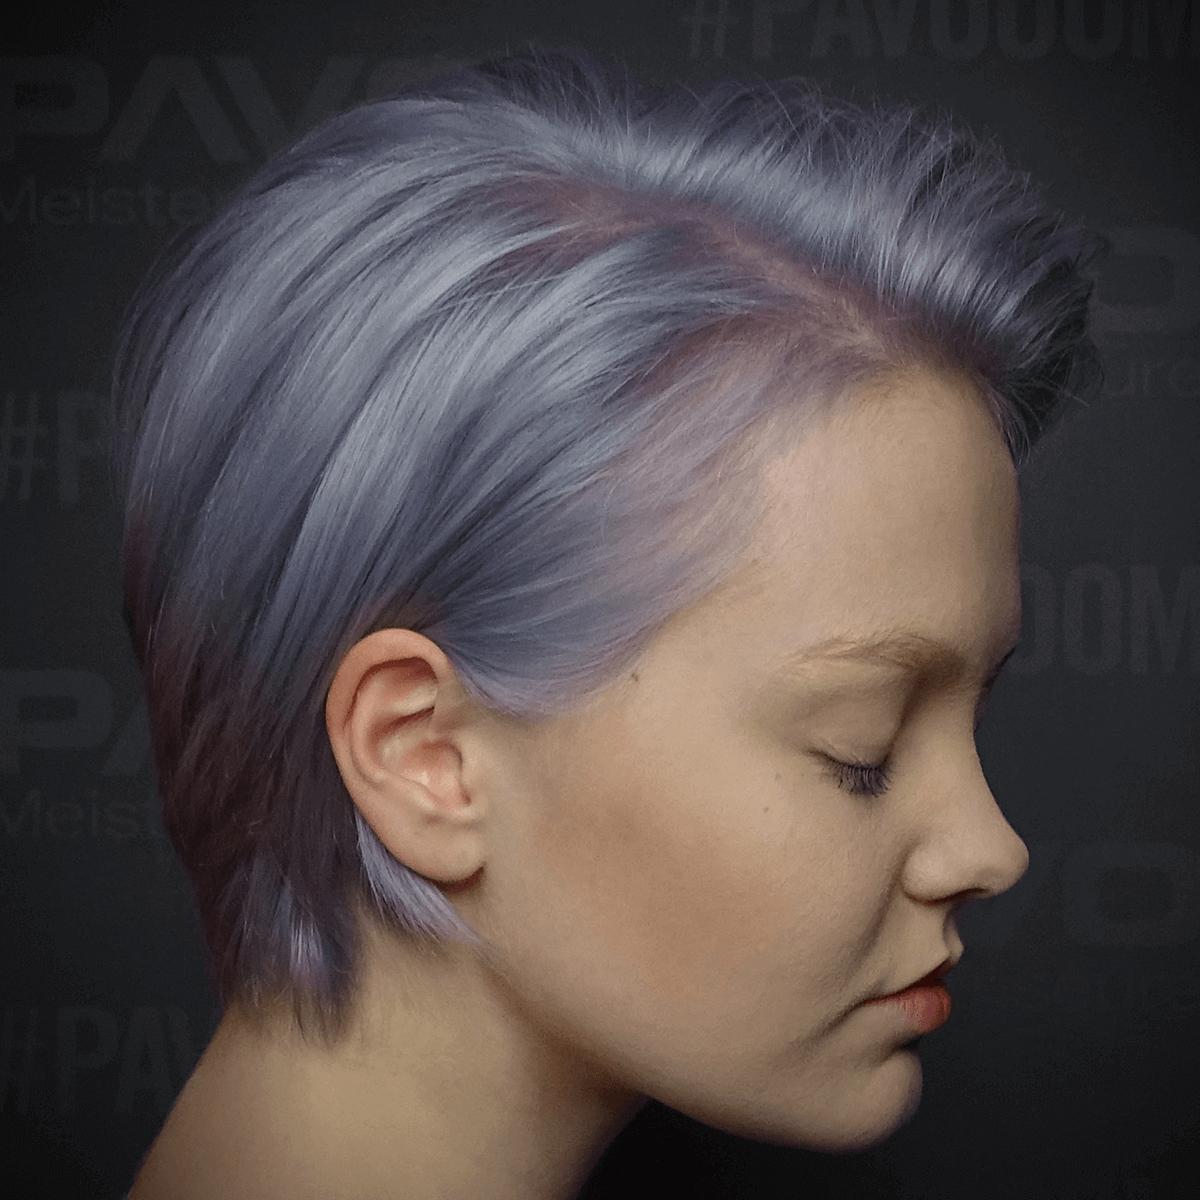 Guter Friseur In Essen Pavo Friseure Auffallende Eisblaue